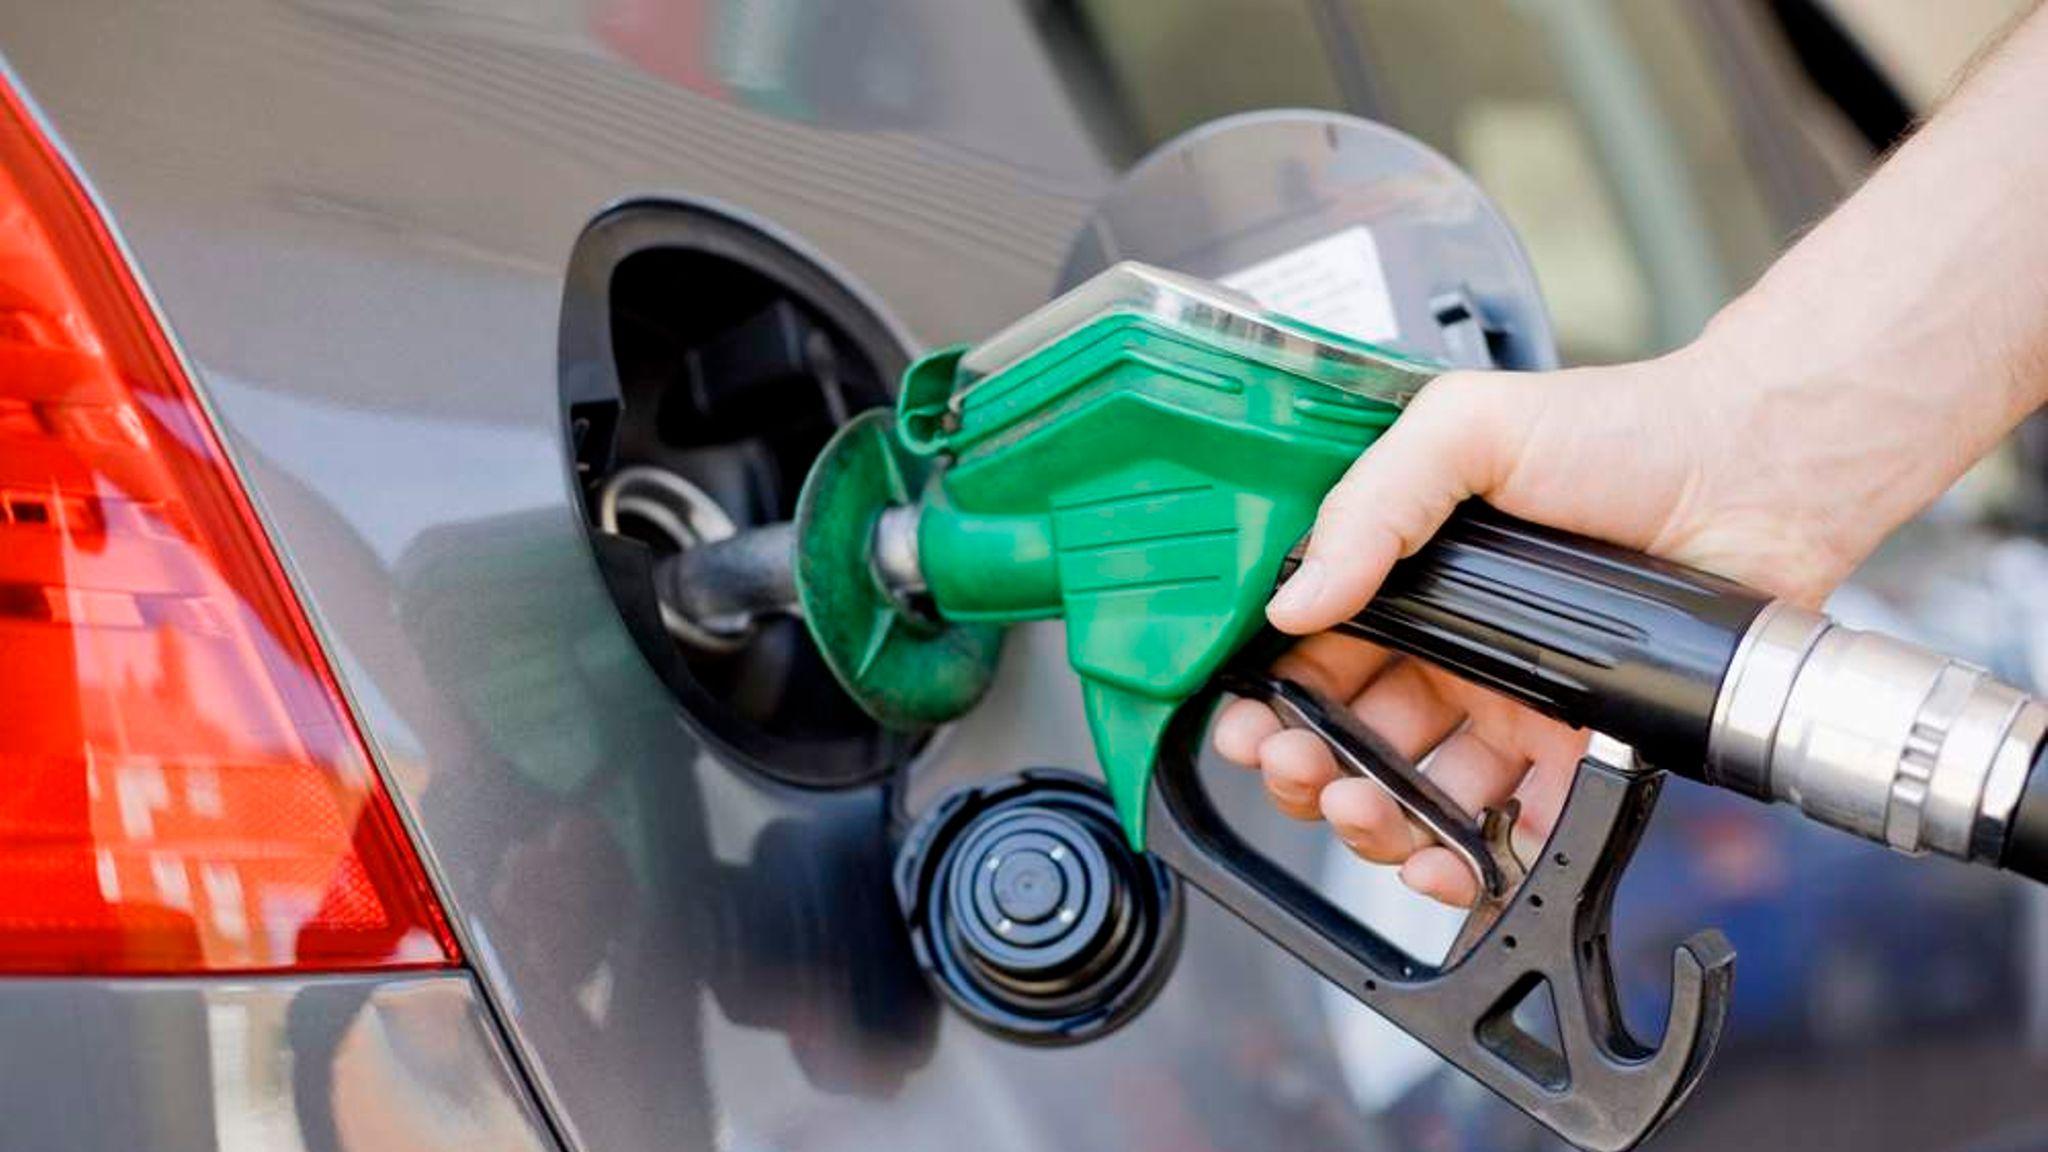 زيادة الأسعار الجديدة للمنتجات البترولية تتصدر عناوين الصحف